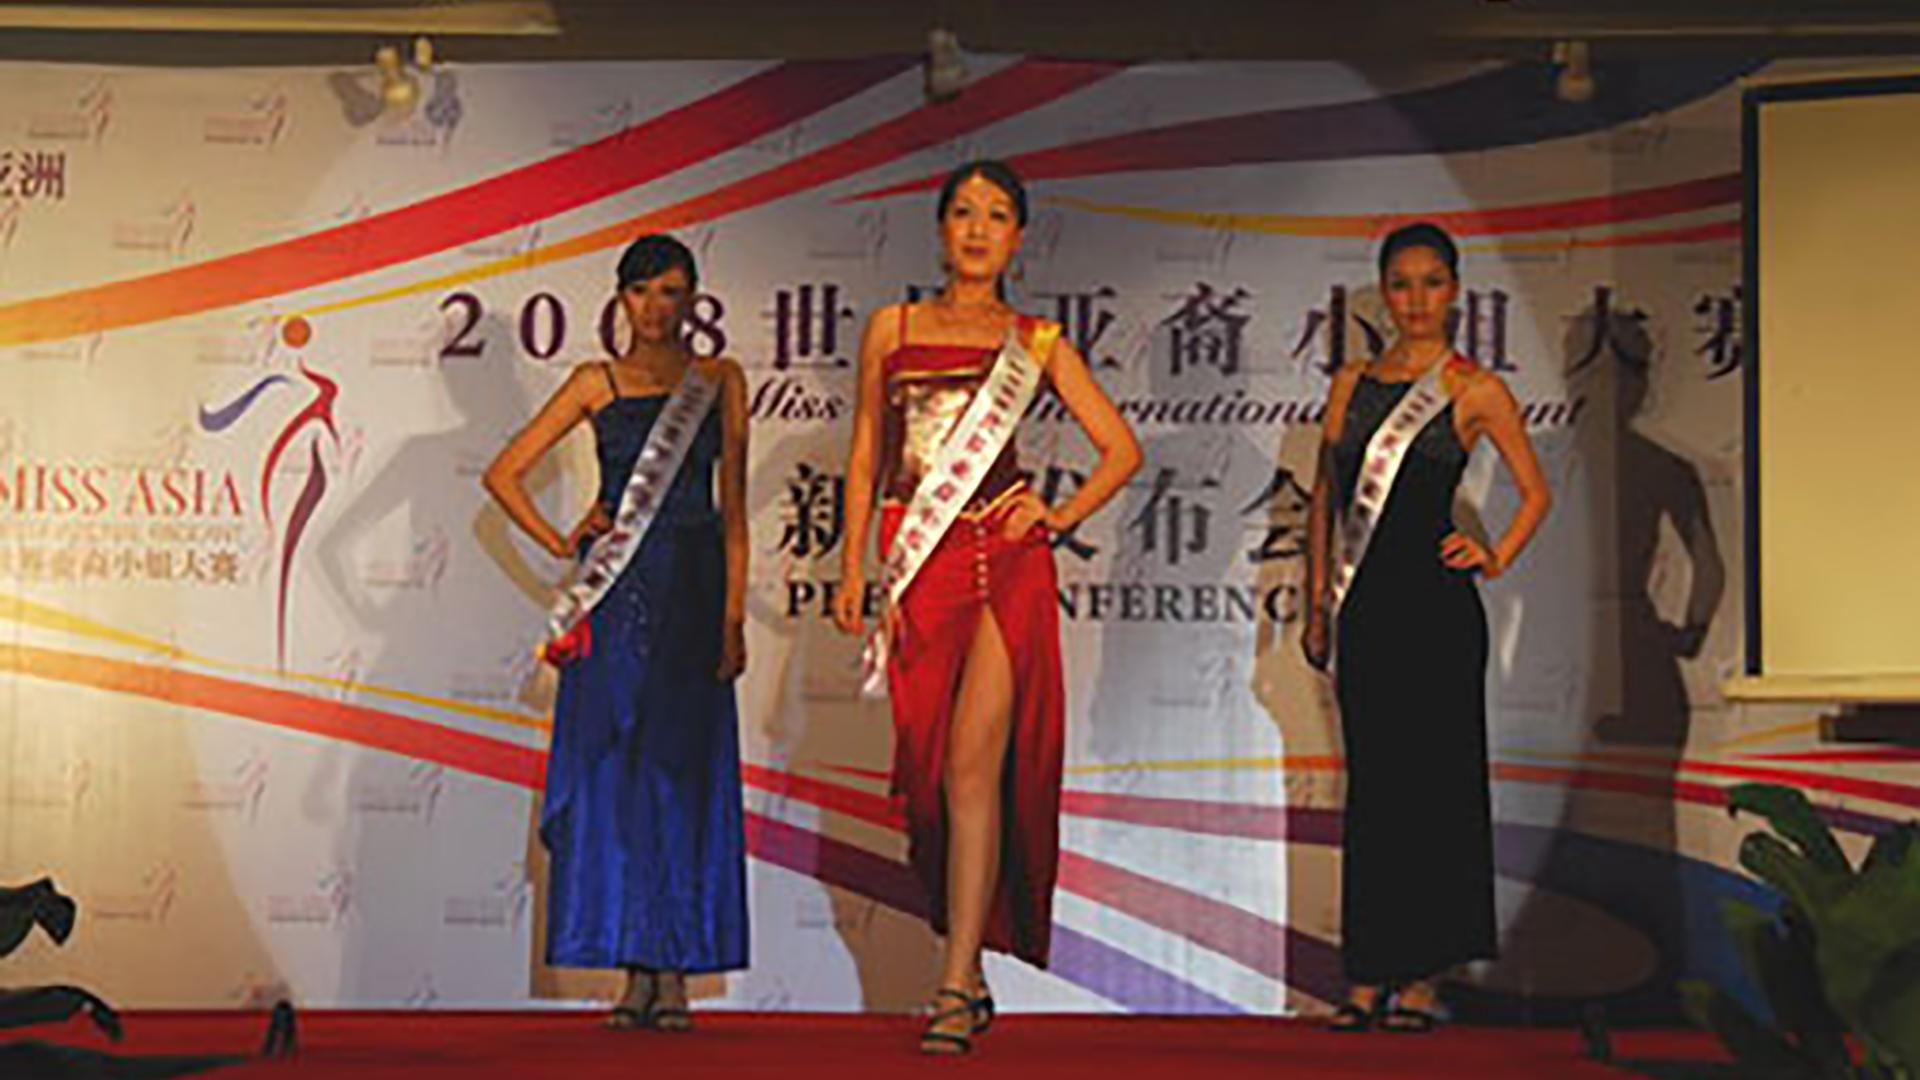 2008年世界亚裔小姐选美大赛中国区总决赛在北京隆重举办启动仪式